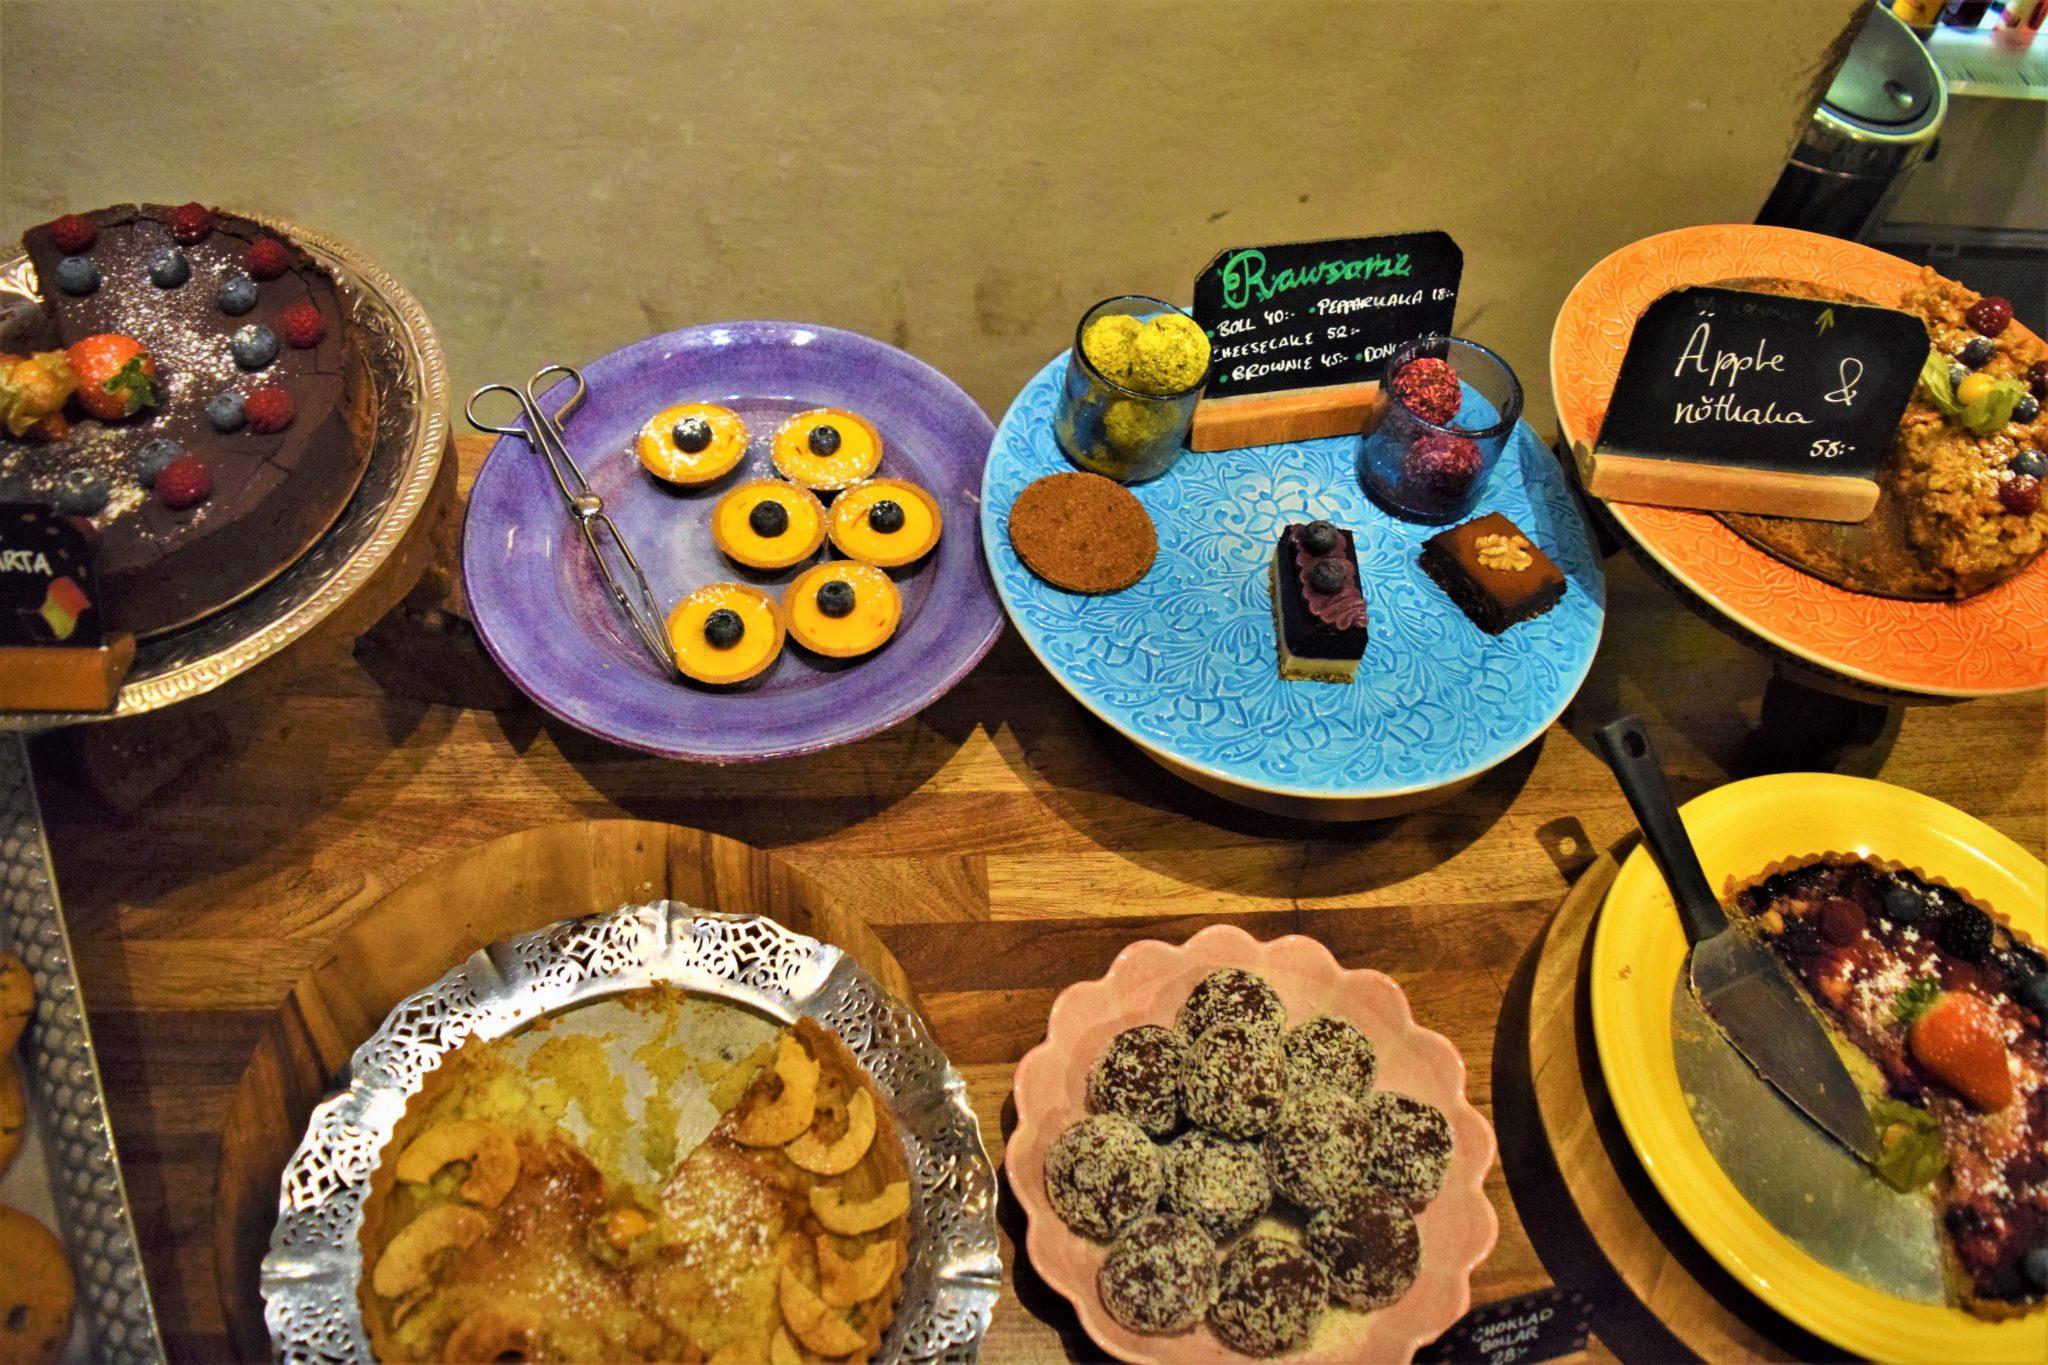 Hermans desserts, stockholm, sweden